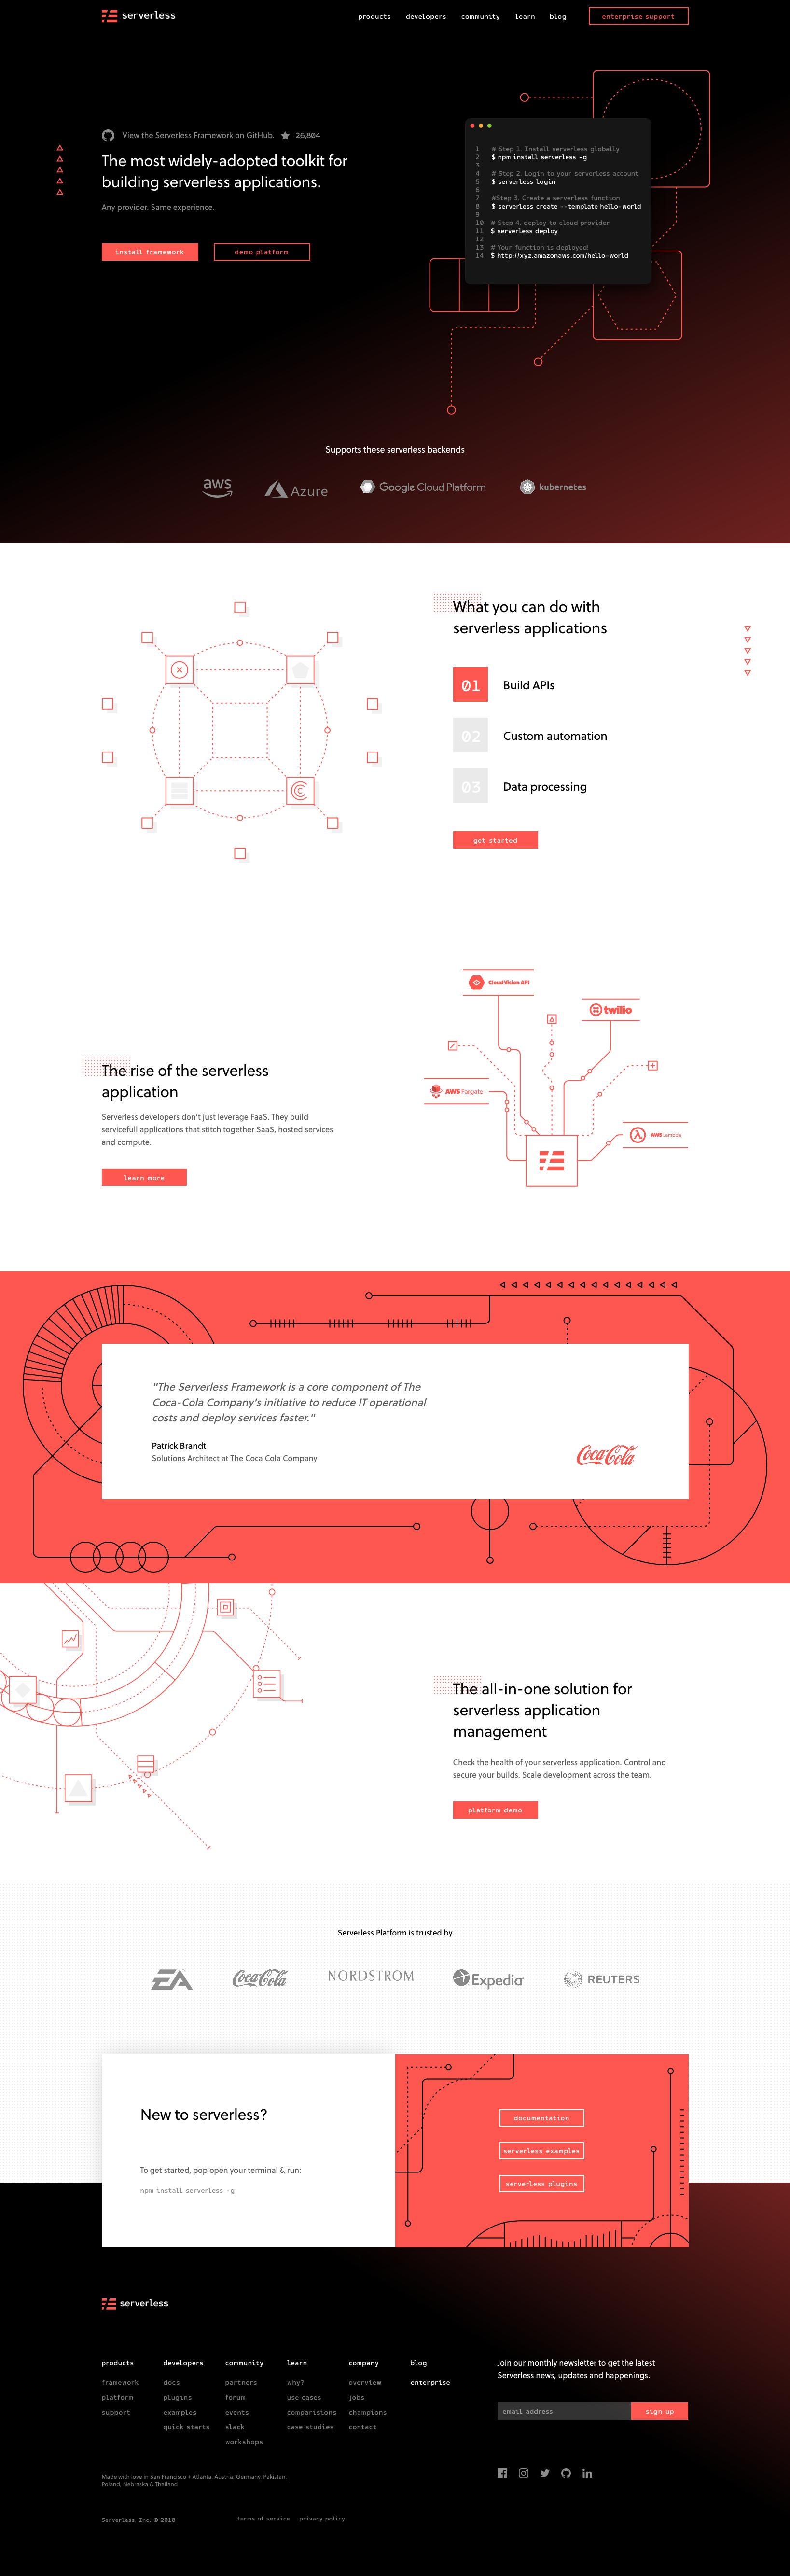 Serverless website integration #design #react #inspiration